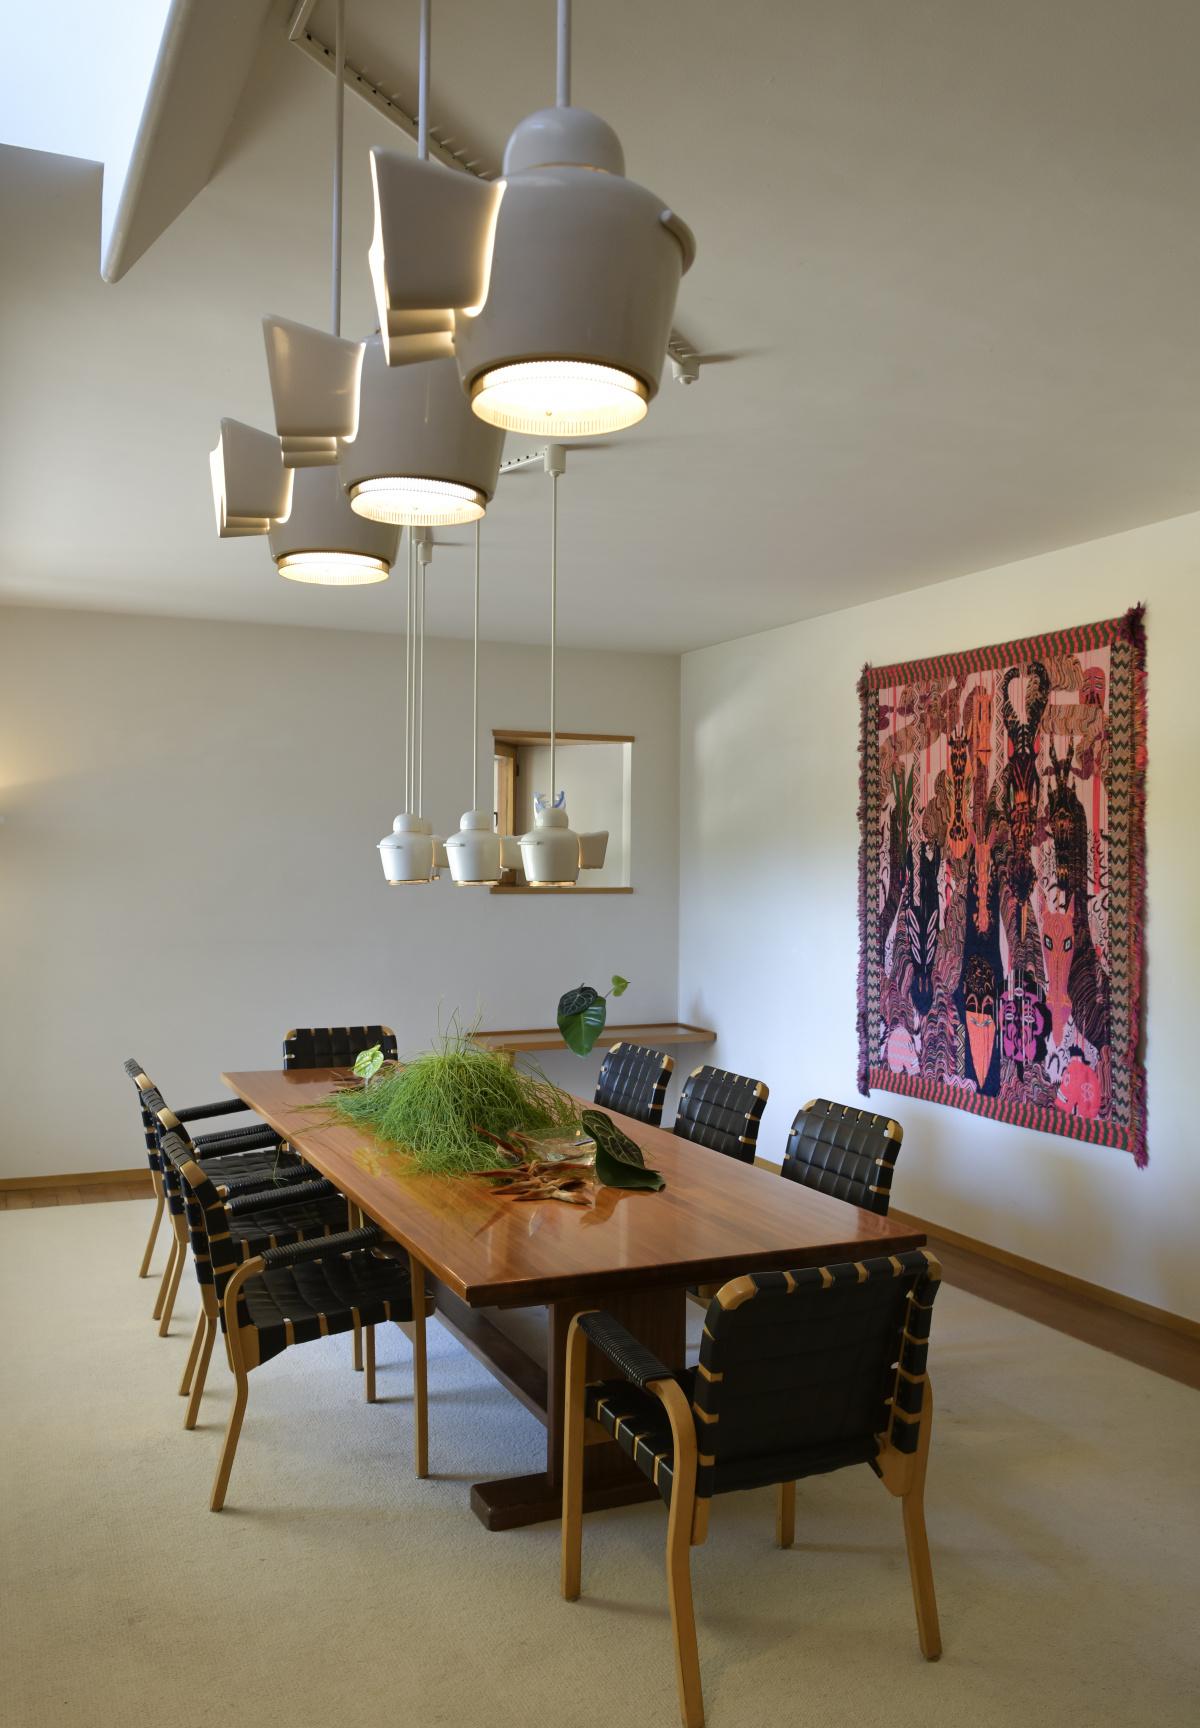 1.フィンランドの巨匠アルヴァ・アアルトが手がけた、大物画商の家。|ルイ・カレ邸